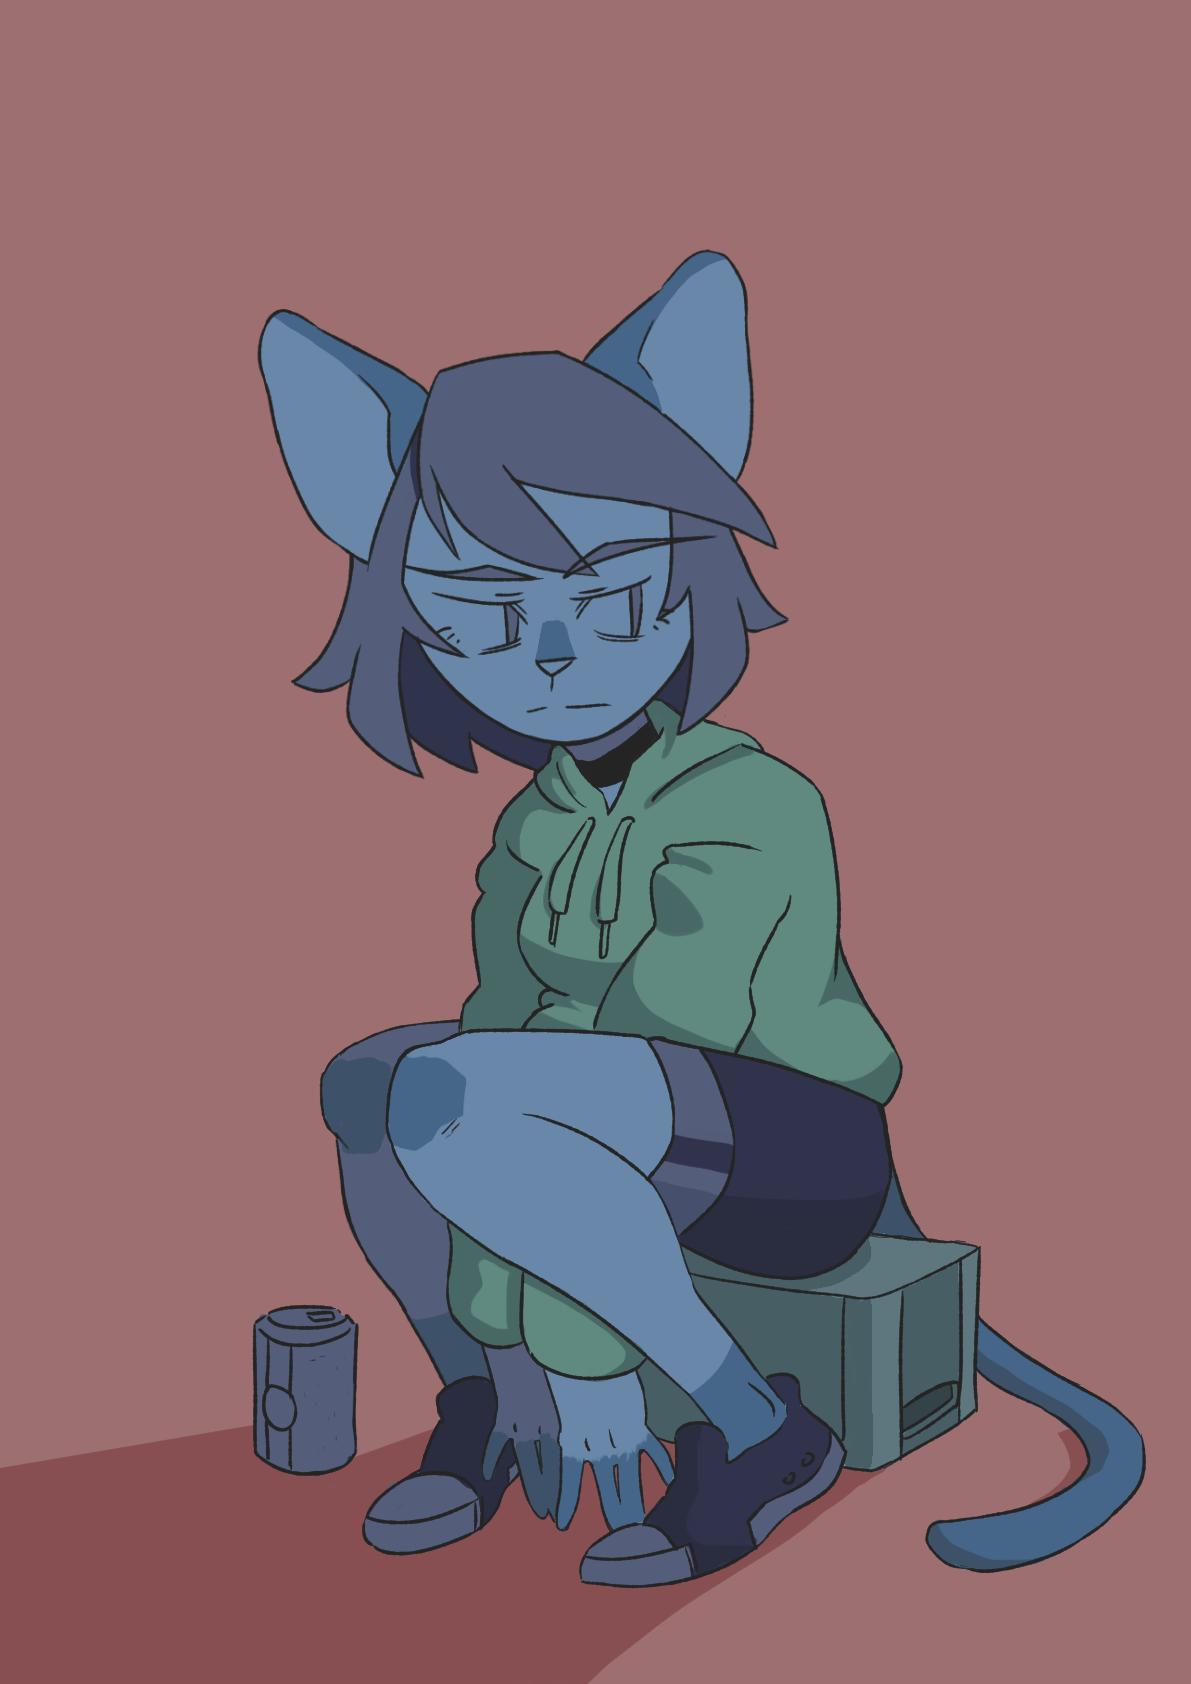 blue catgurlll